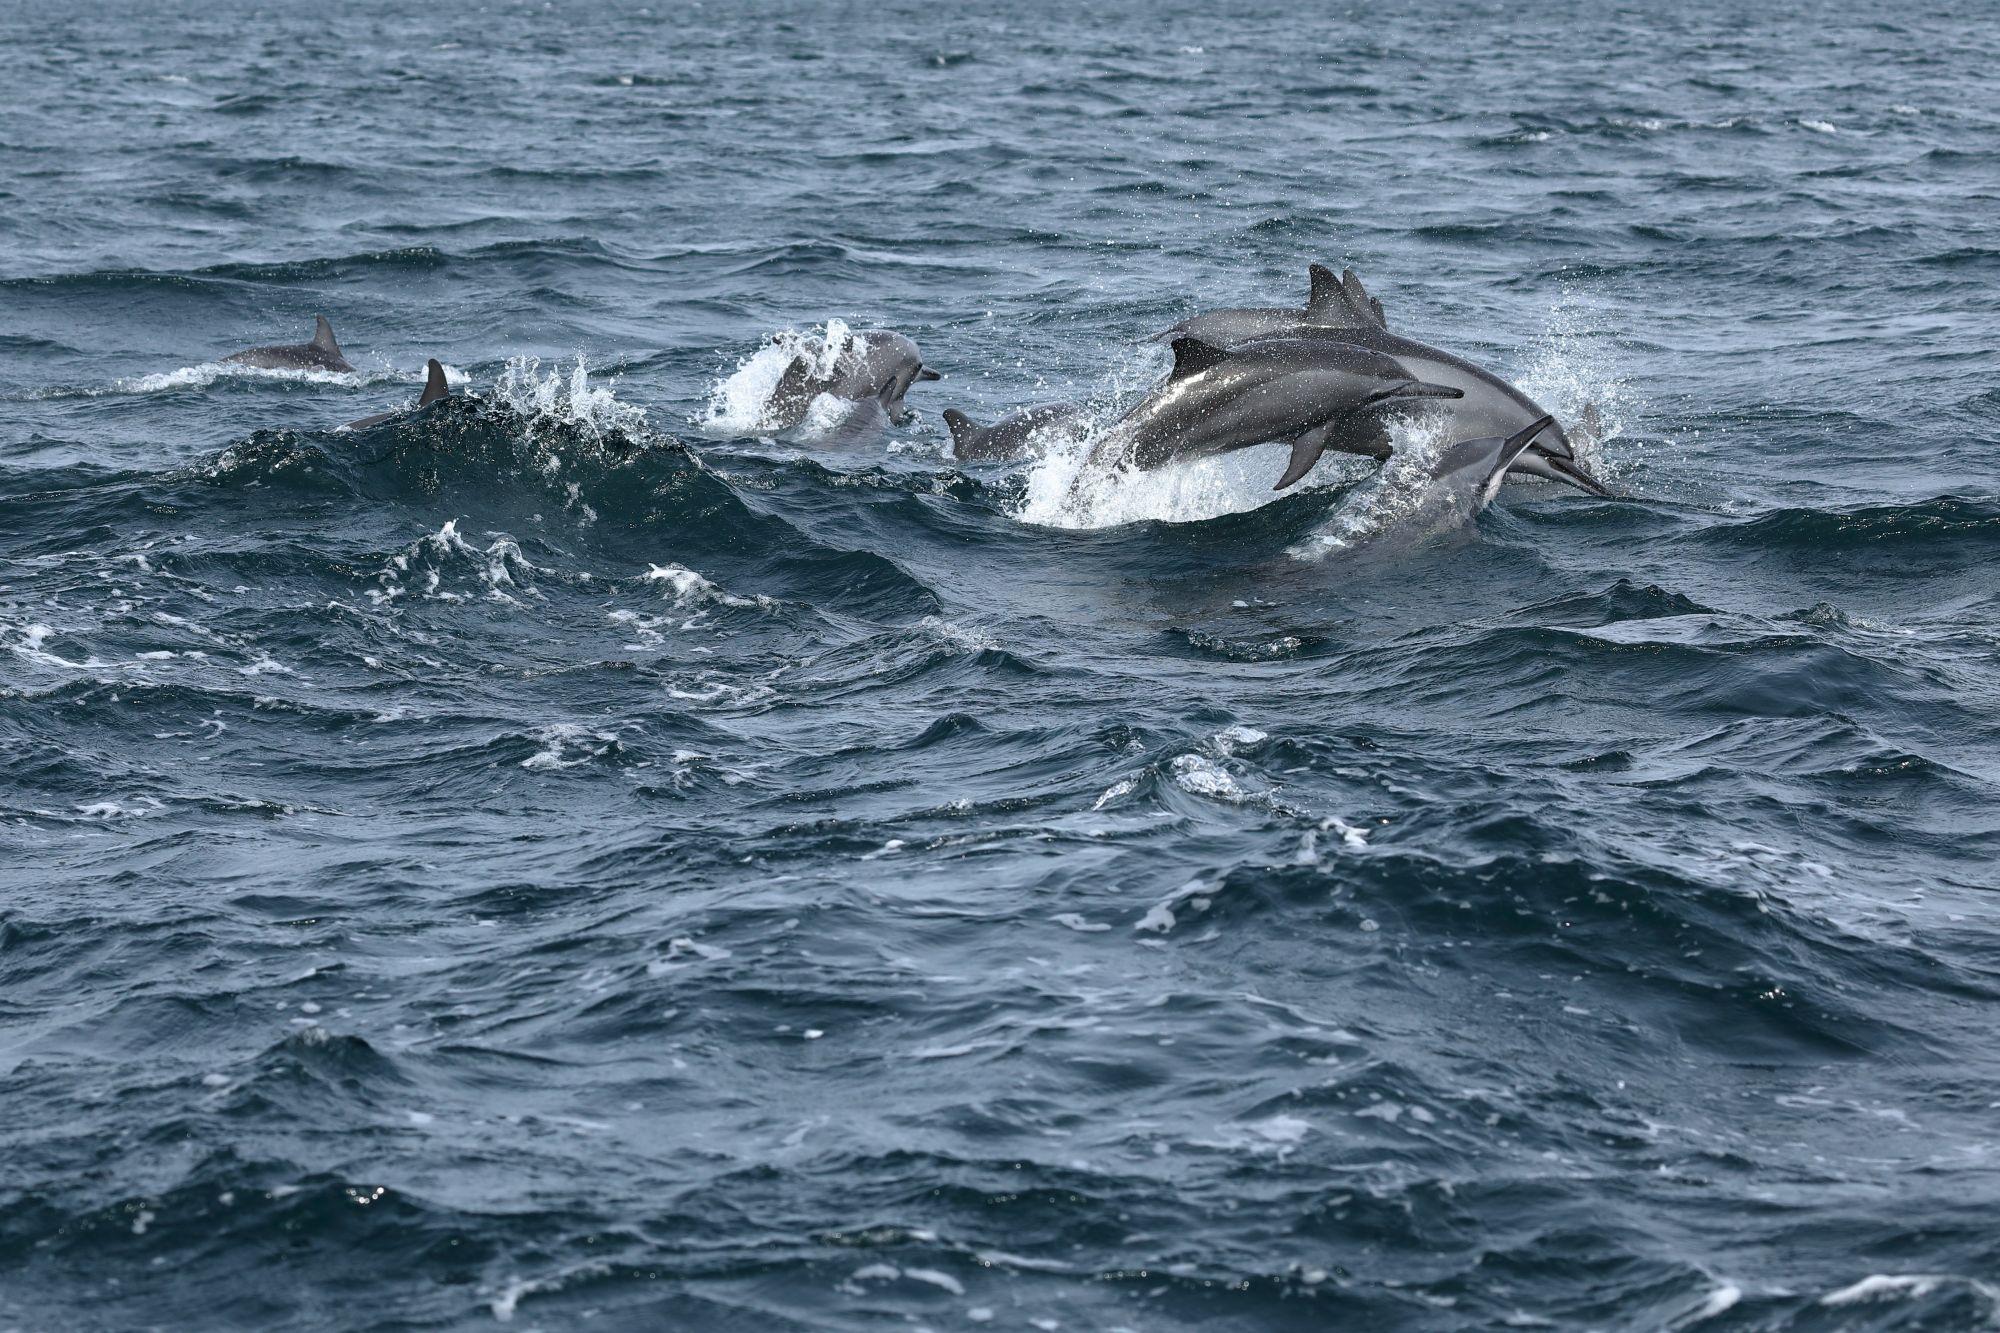 Sri Lanka Trincomalee doflijnen in de Indische Oceaan